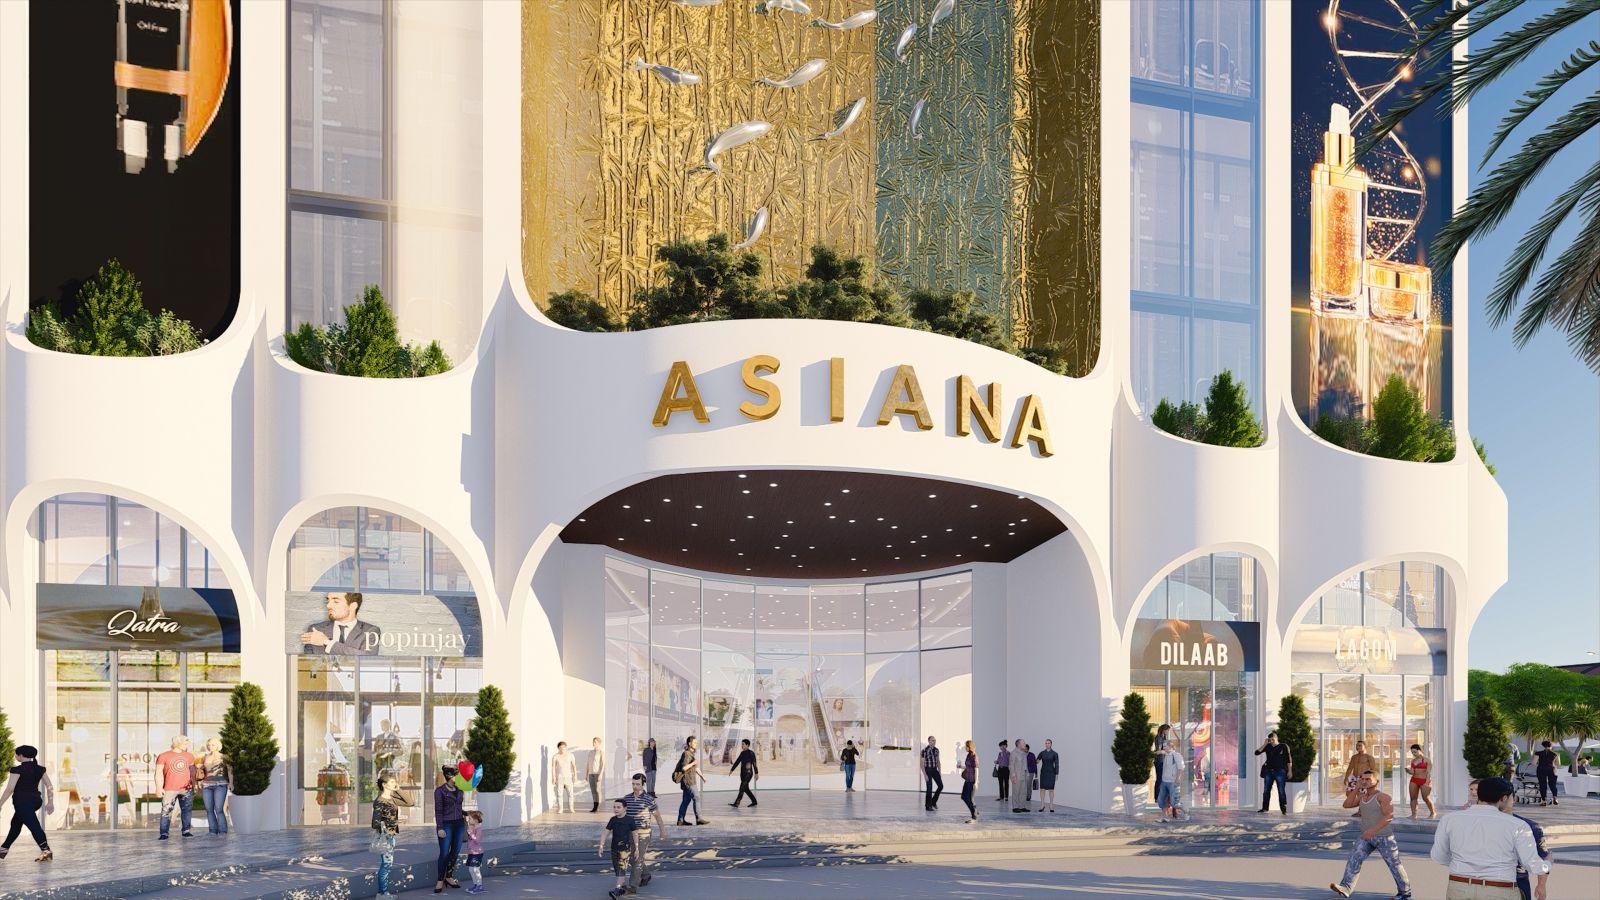 Trung tâm mua sắm Asiana Đà Nẵng